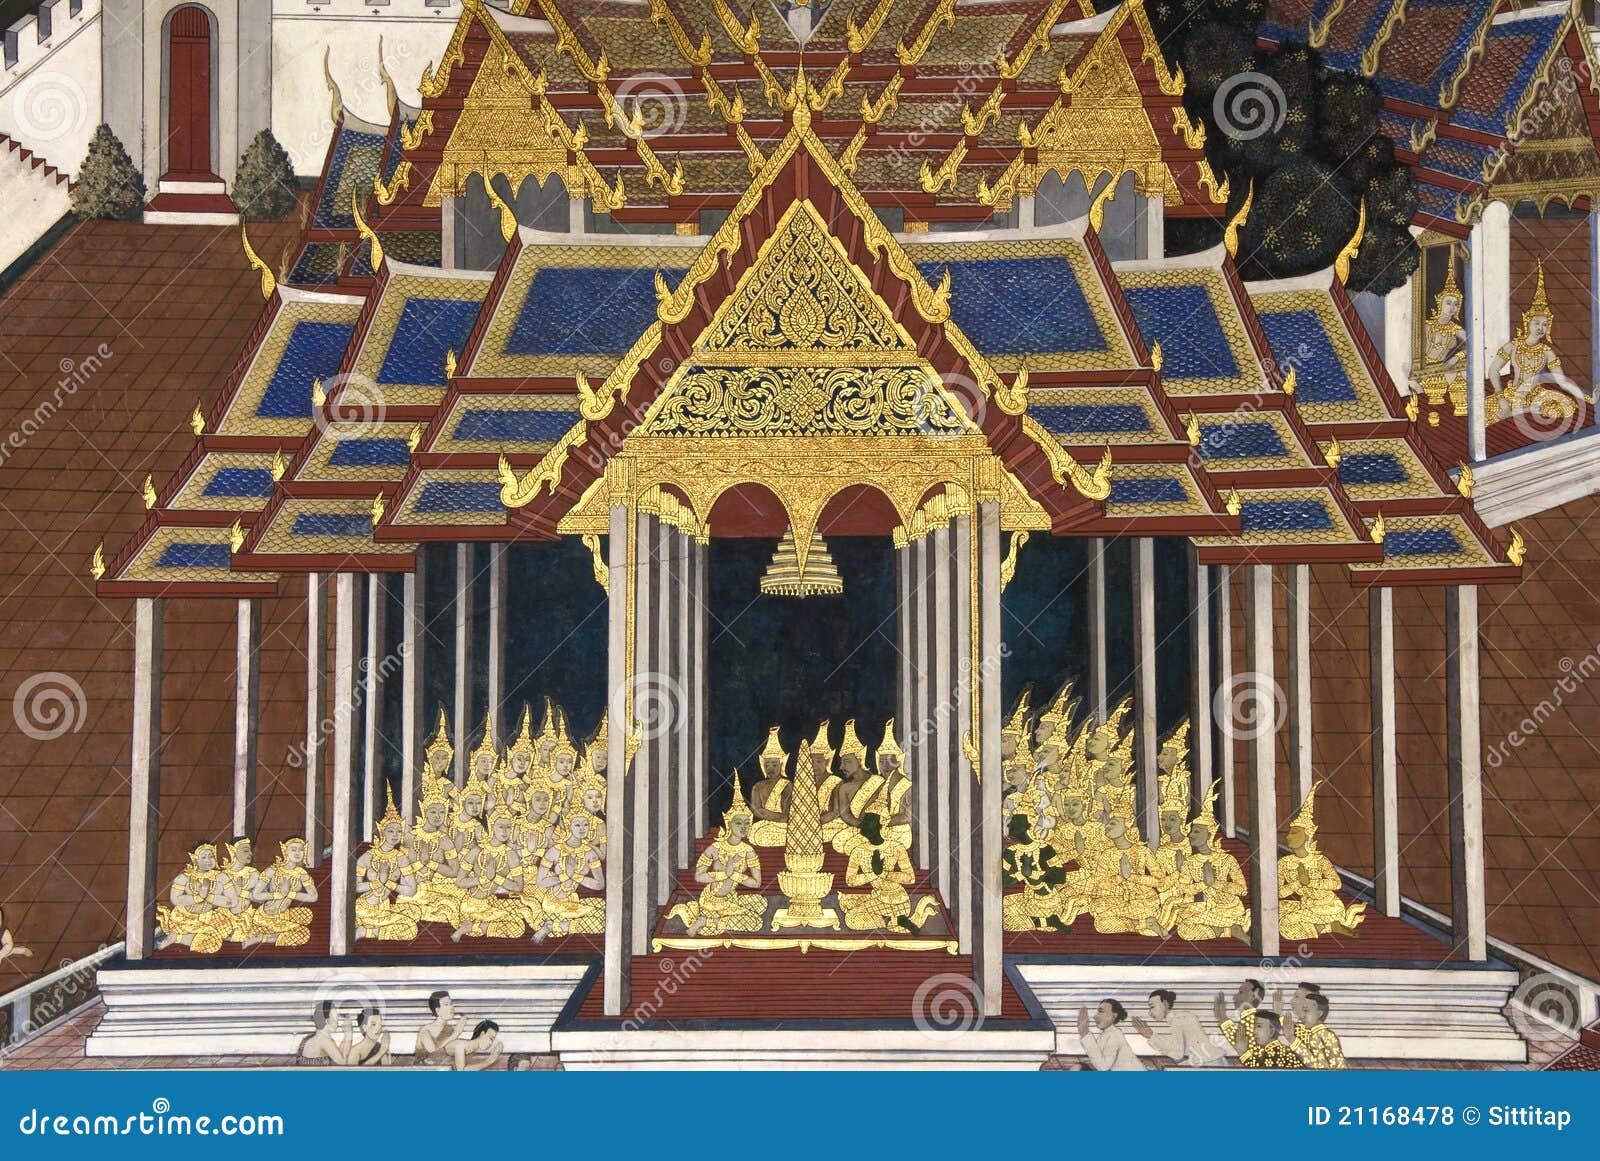 Pintura mural tailandesa en la pared wat phra kaew fotos - Pintar mural en pared ...